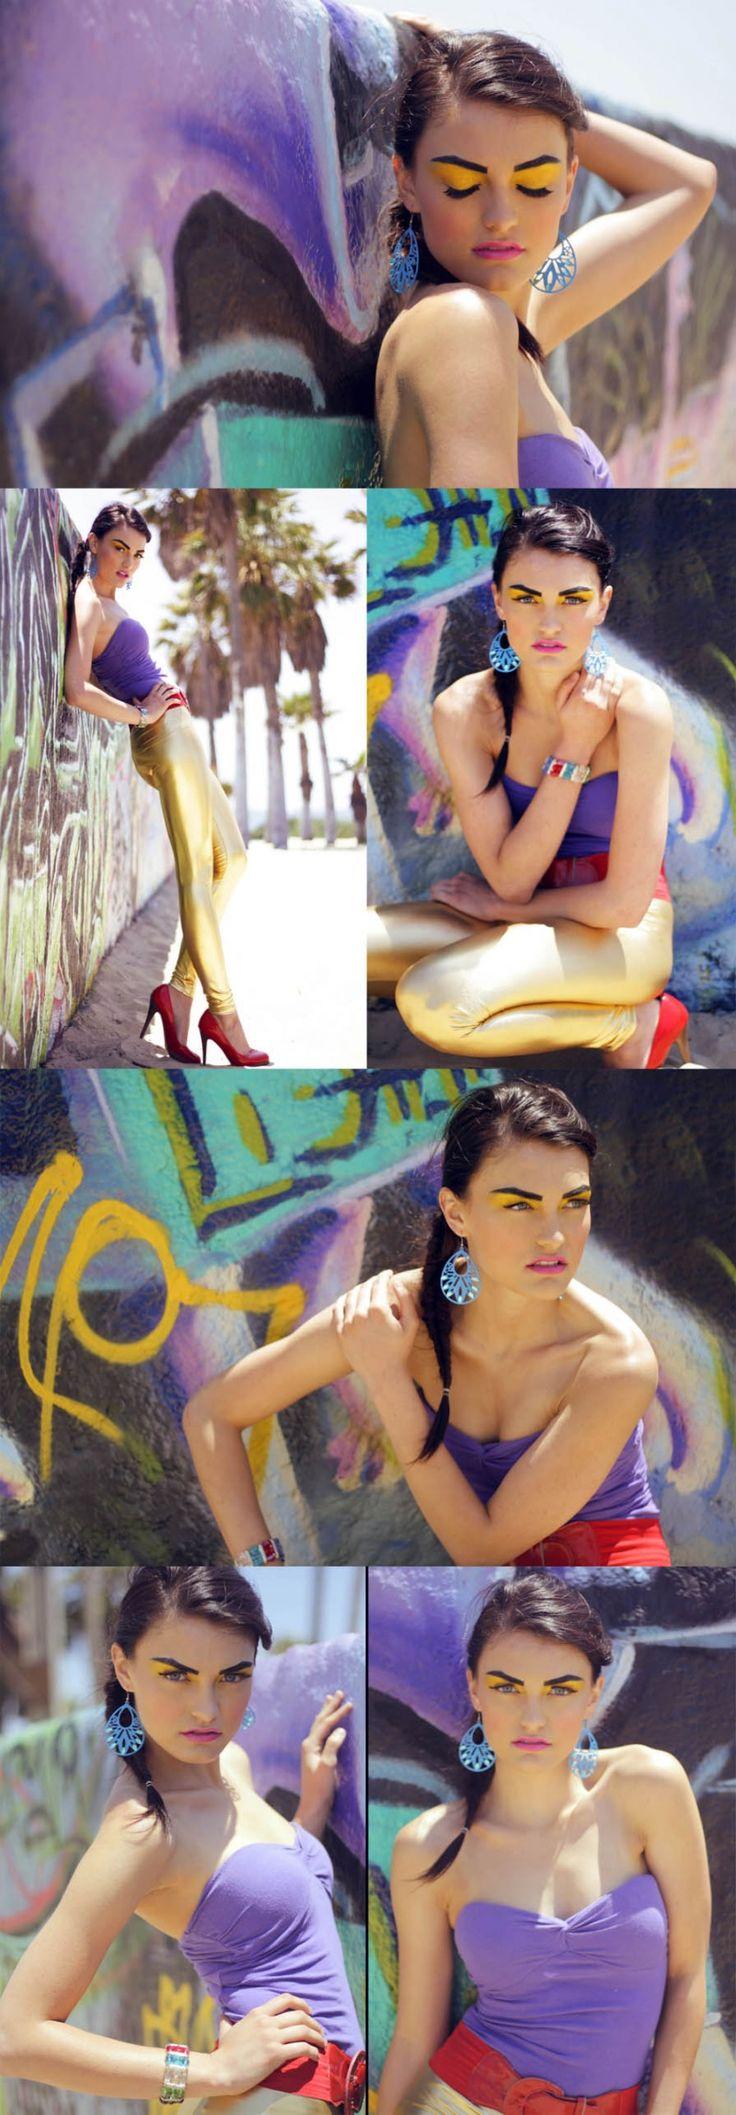 Purple graffiti photoshoot